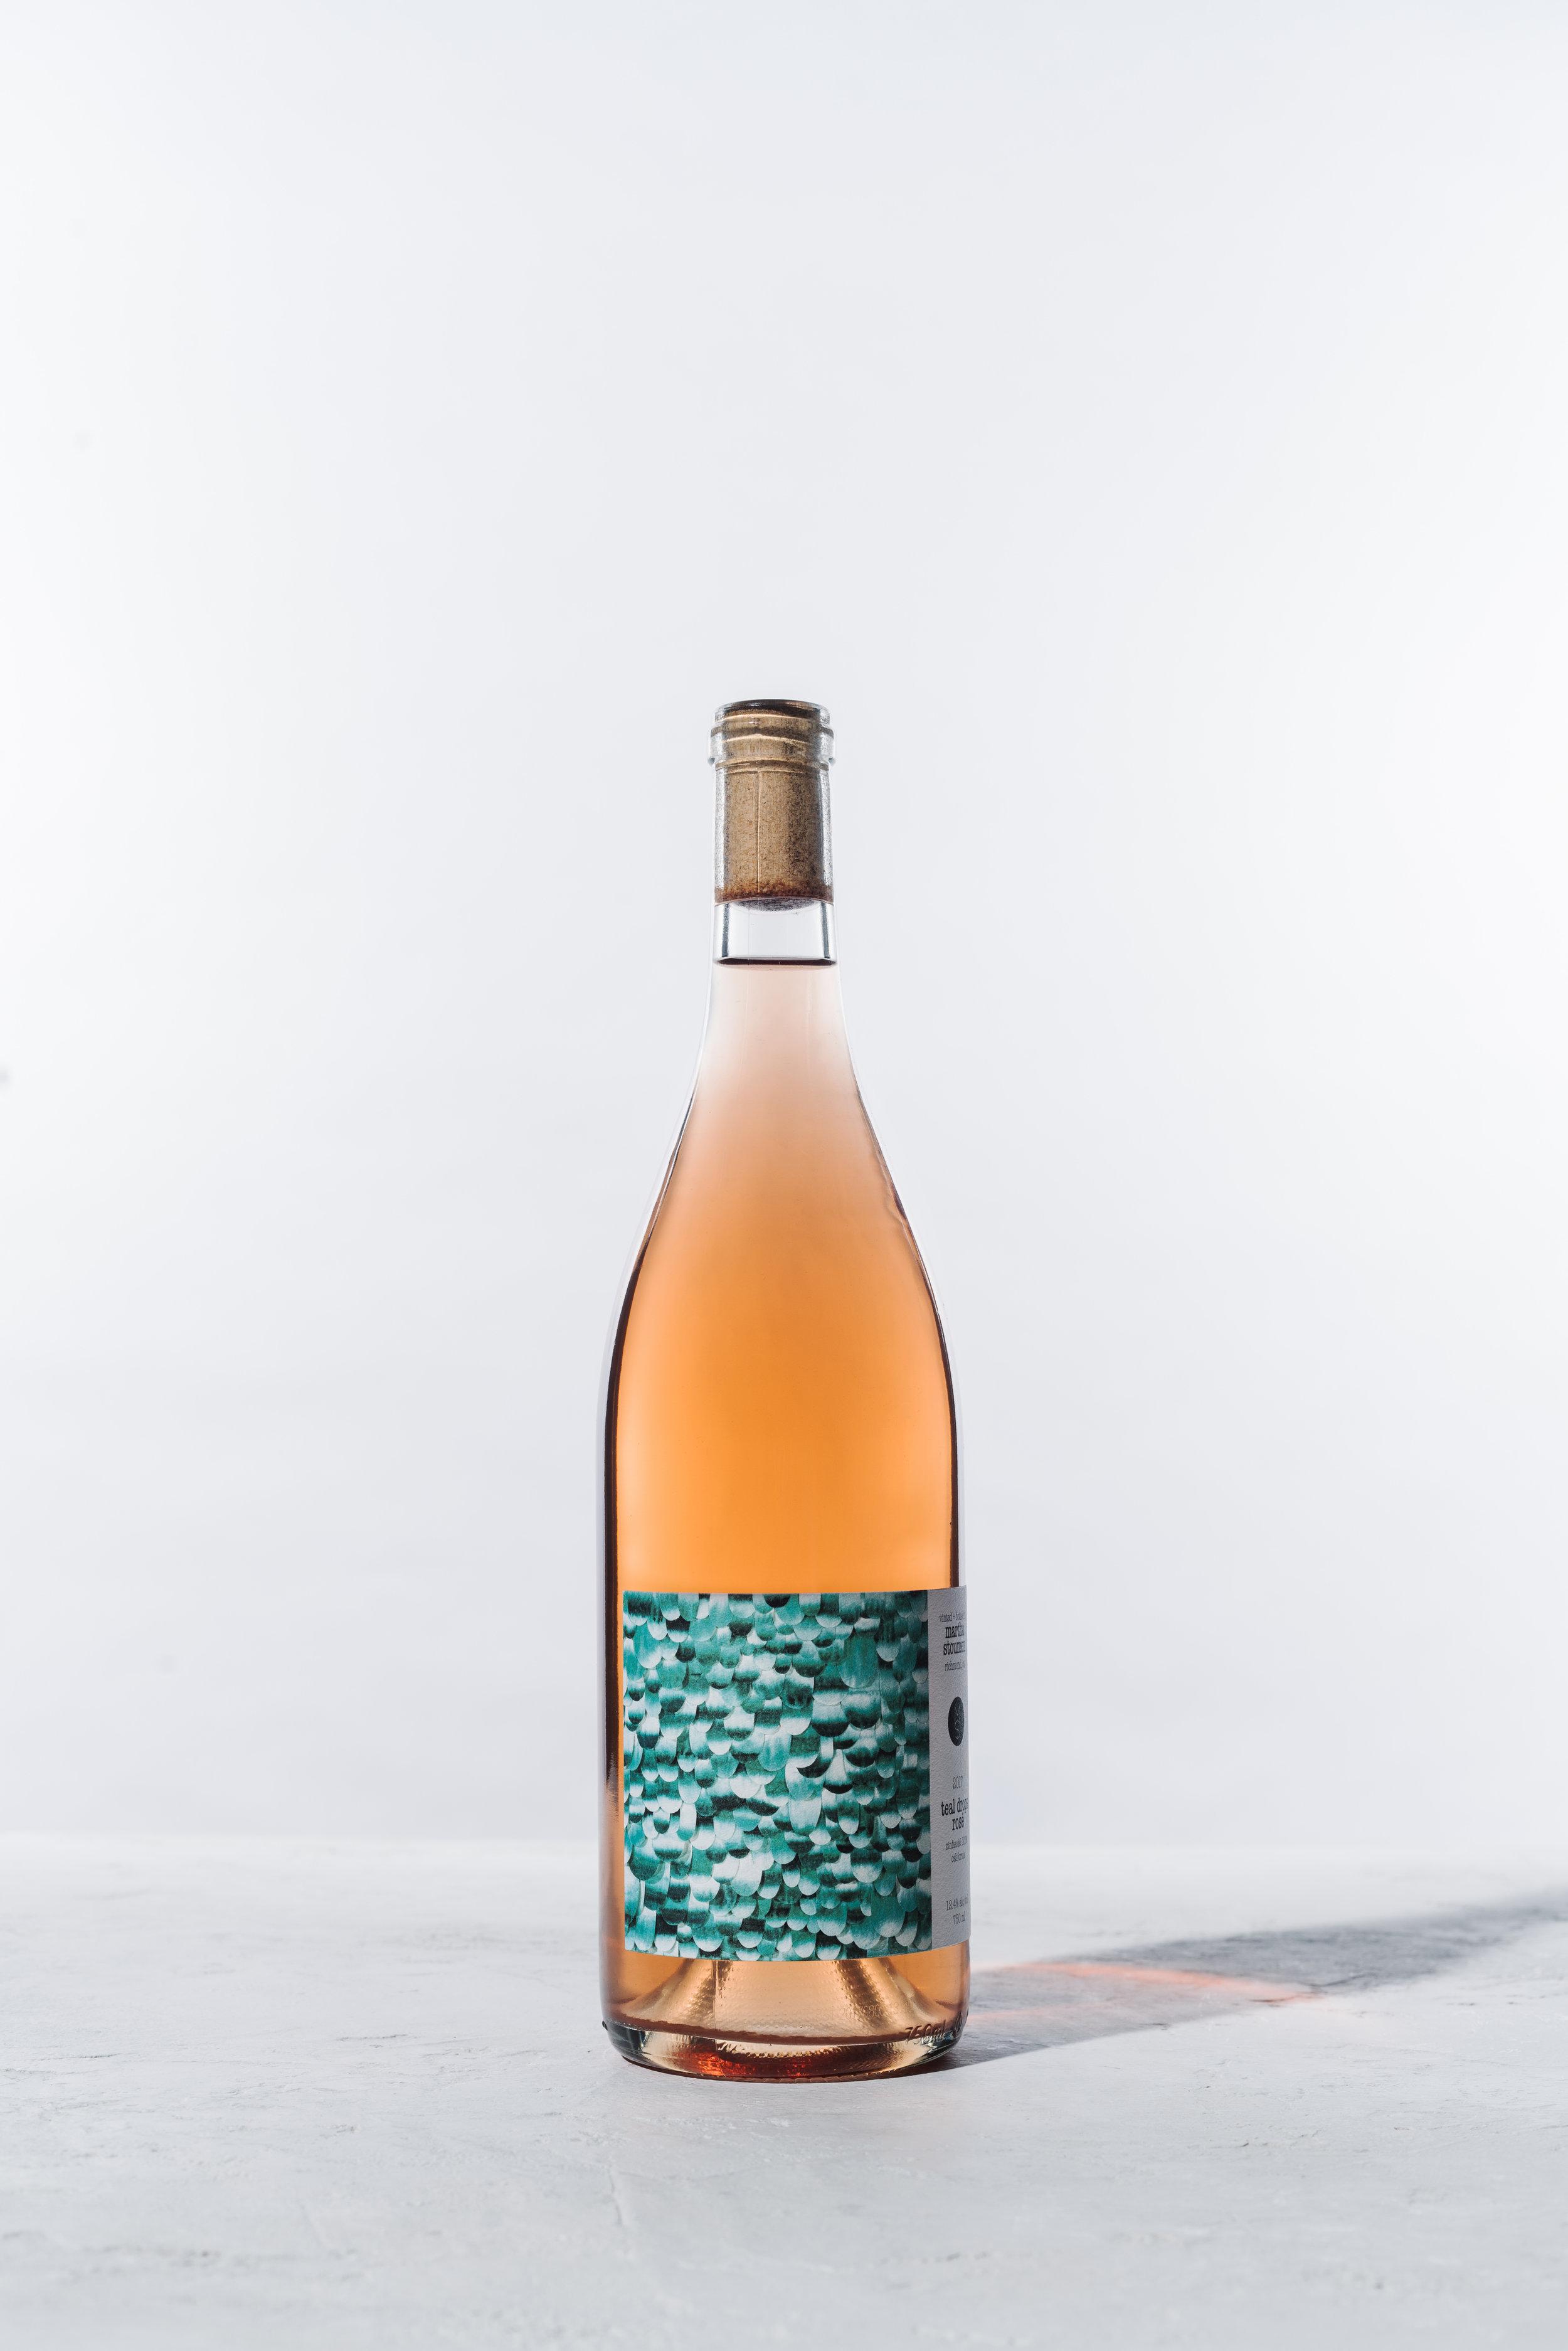 2017 Teal Drops Rosé   $32